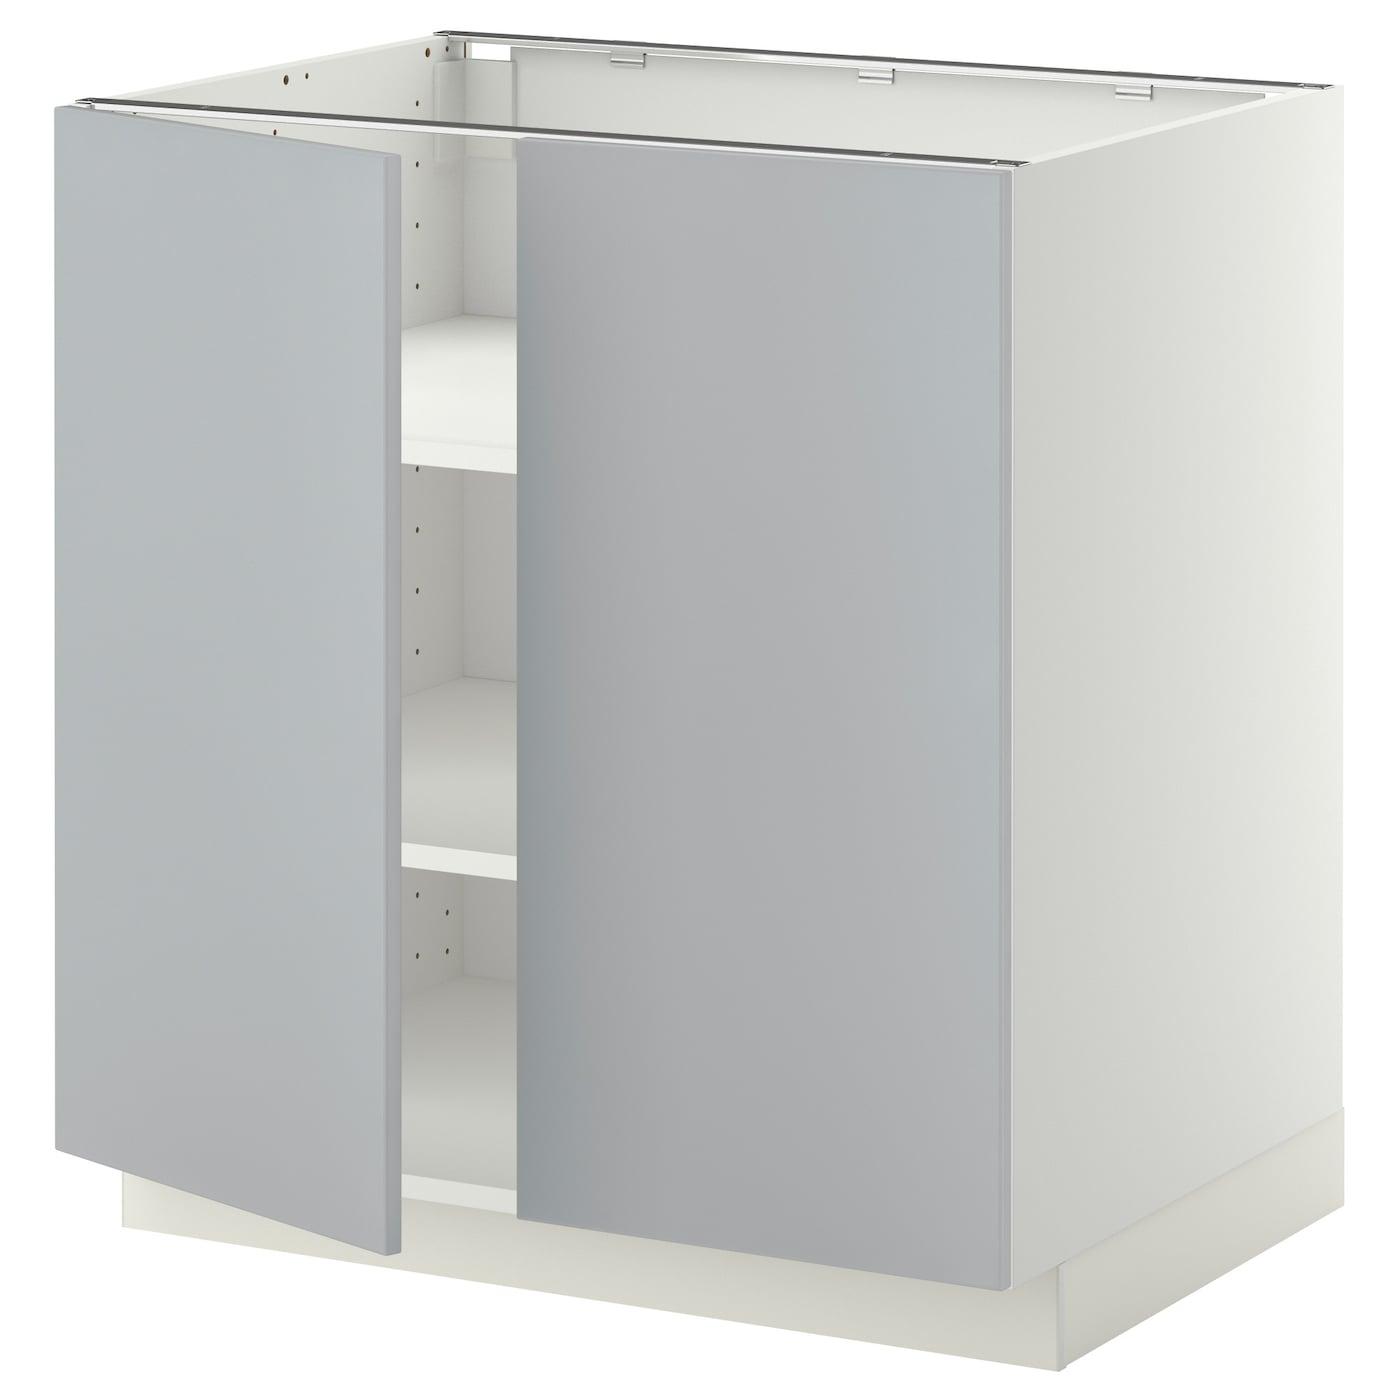 METOD Unterschrank m Böden/2Türen - weiß, Veddinge grau ...